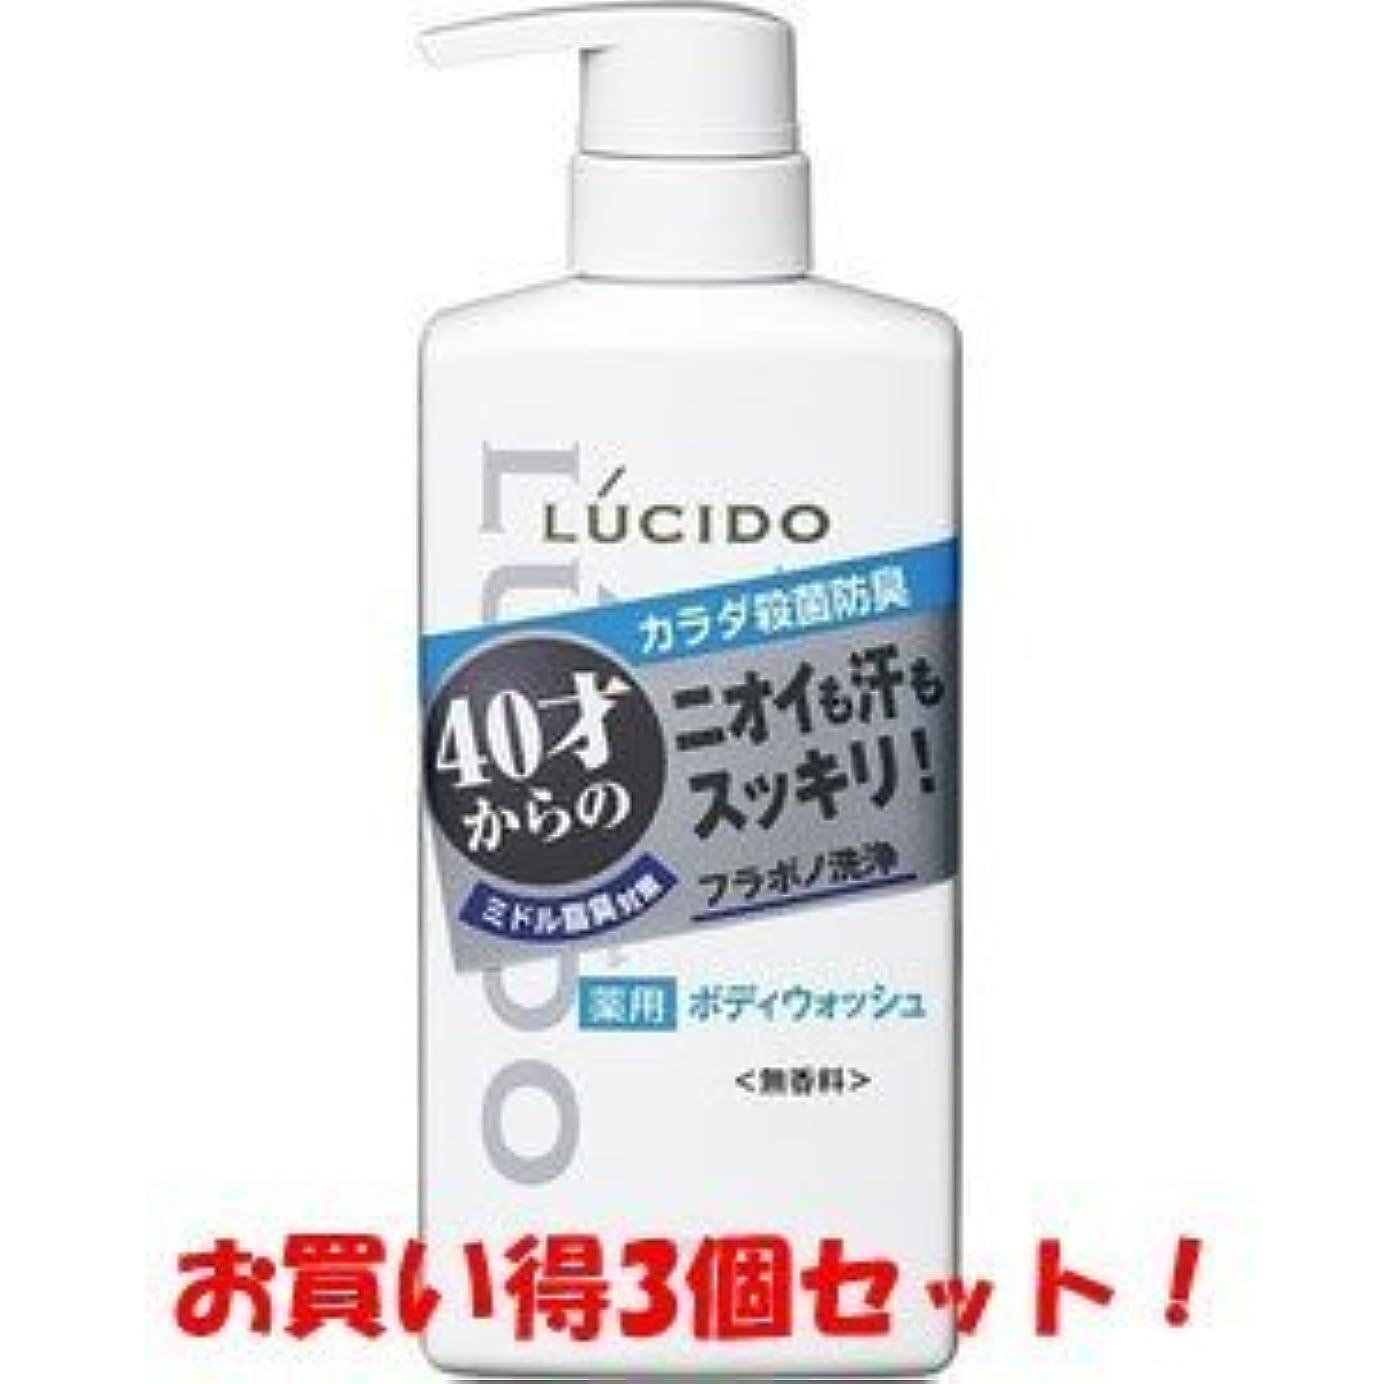 悪意ビジネス装置【LUCIDO】ルシード 薬用デオドラントボディウォッシュ 450ml(医薬部外品)(お買い得3個セット)